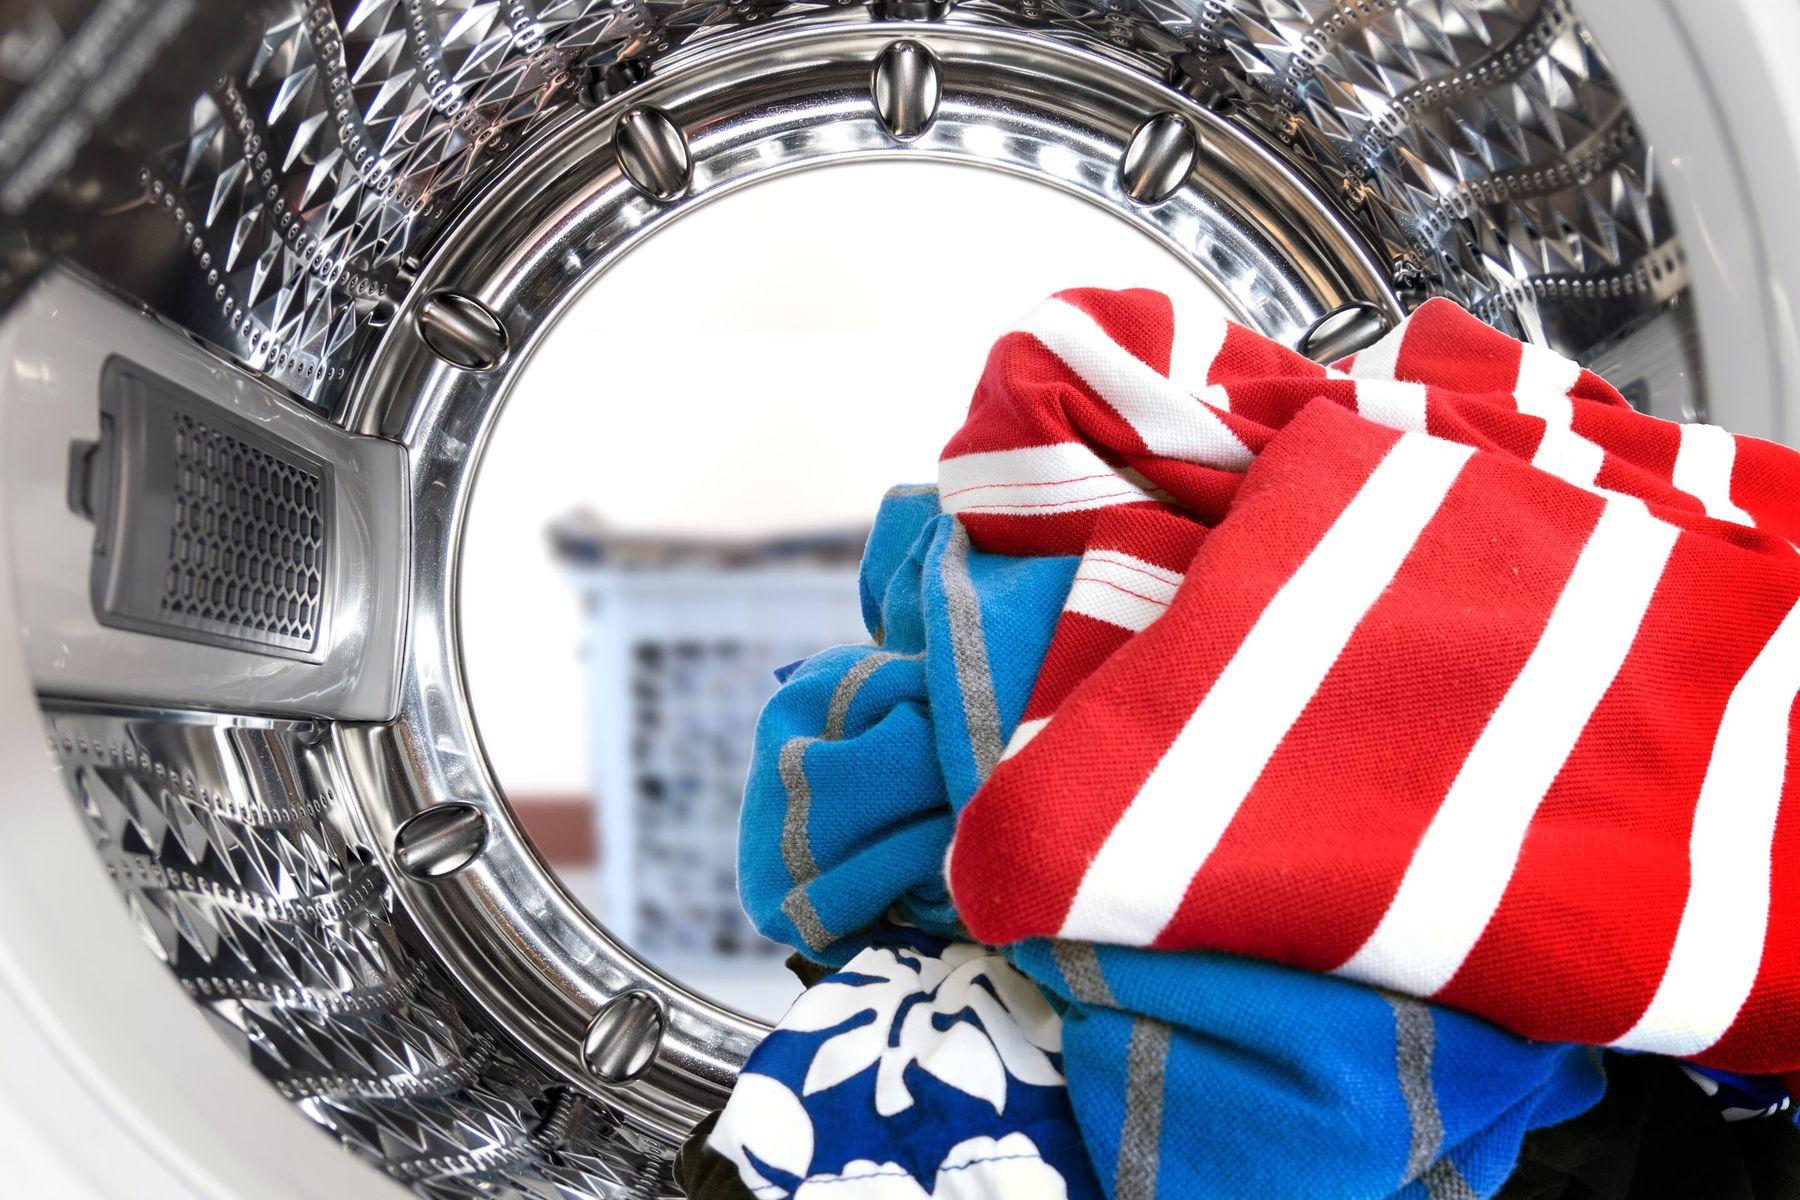 Çamaşır Makinesinde Hangi Eşyalar Yıkanabilir?